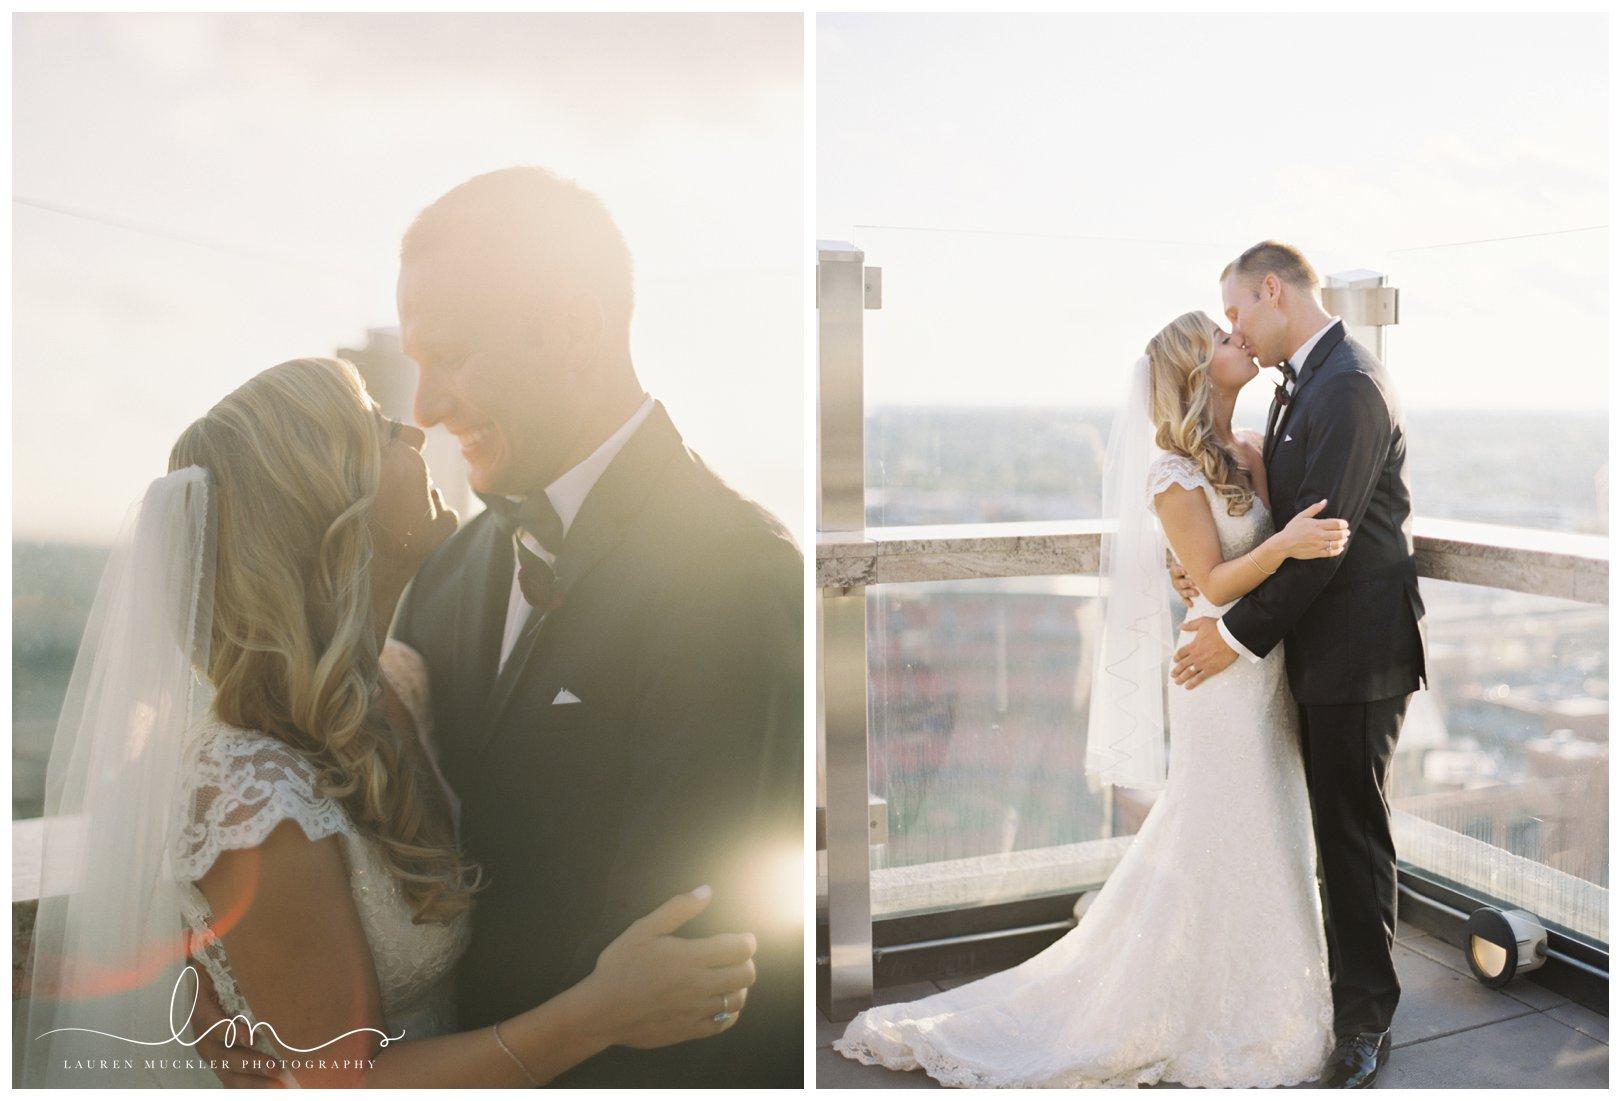 lauren muckler photography_fine art film wedding photography_st louis_photography_0825.jpg